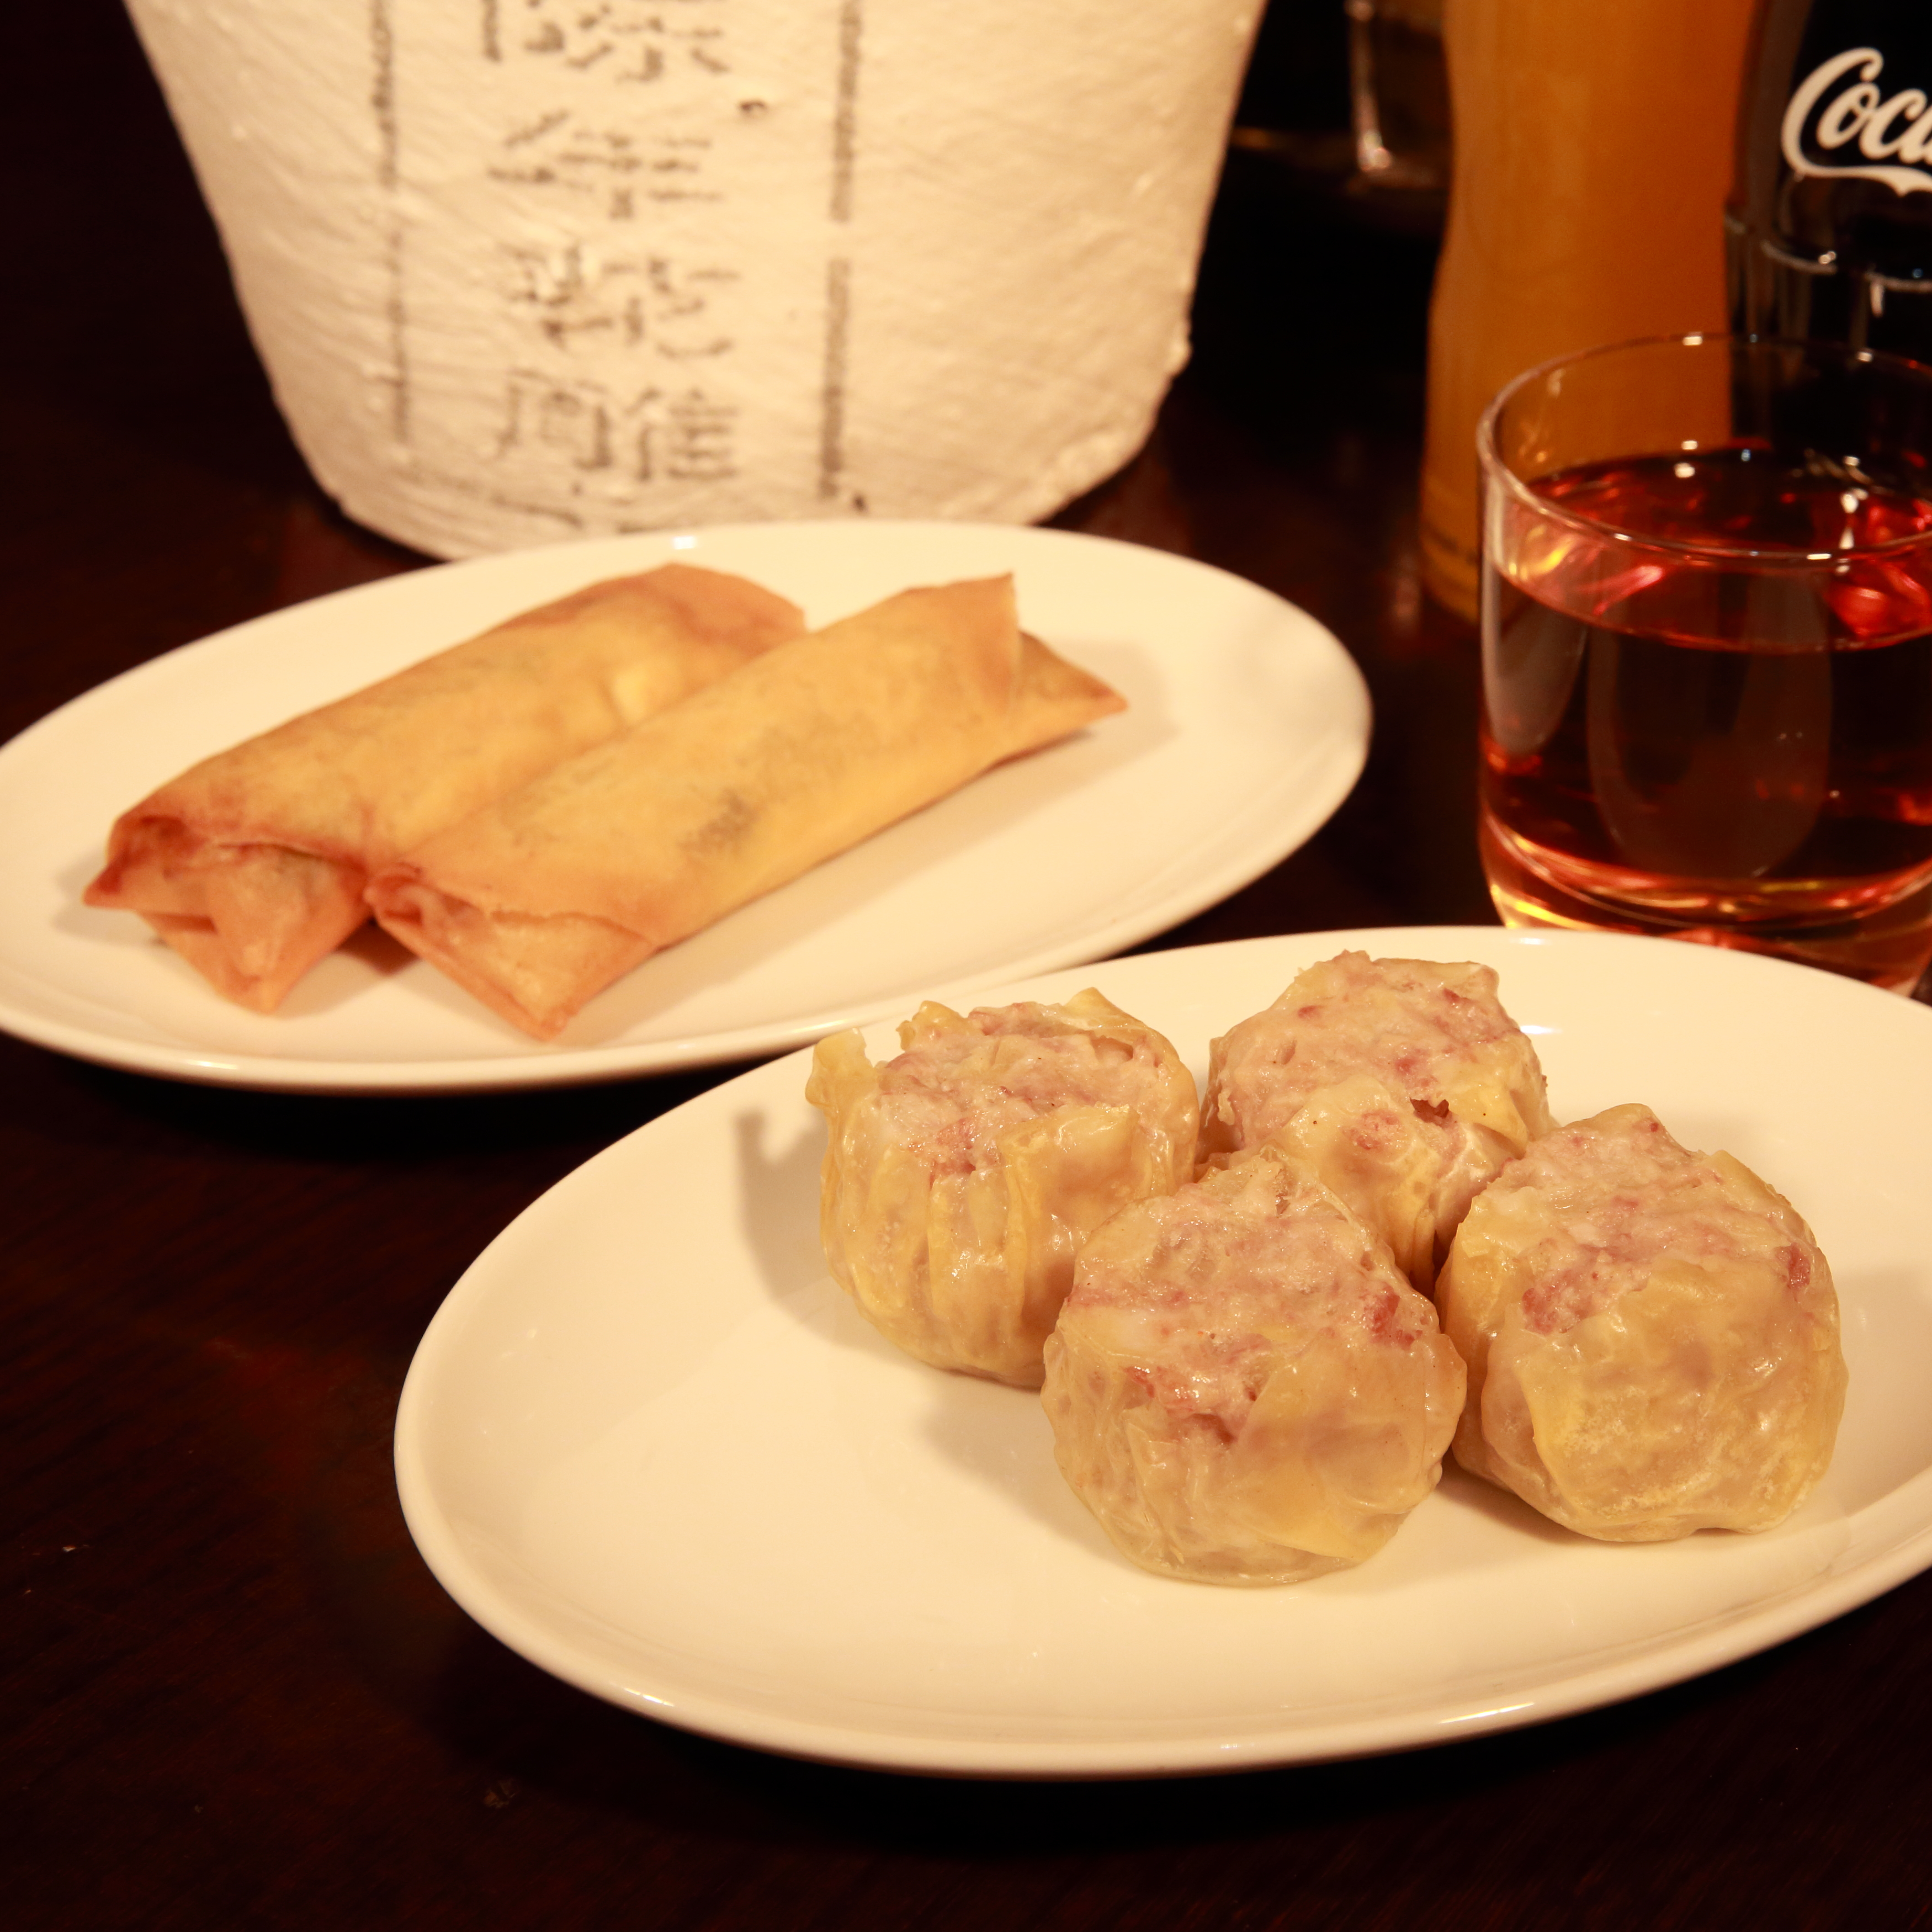 中華食堂 かめのおメニュー写真